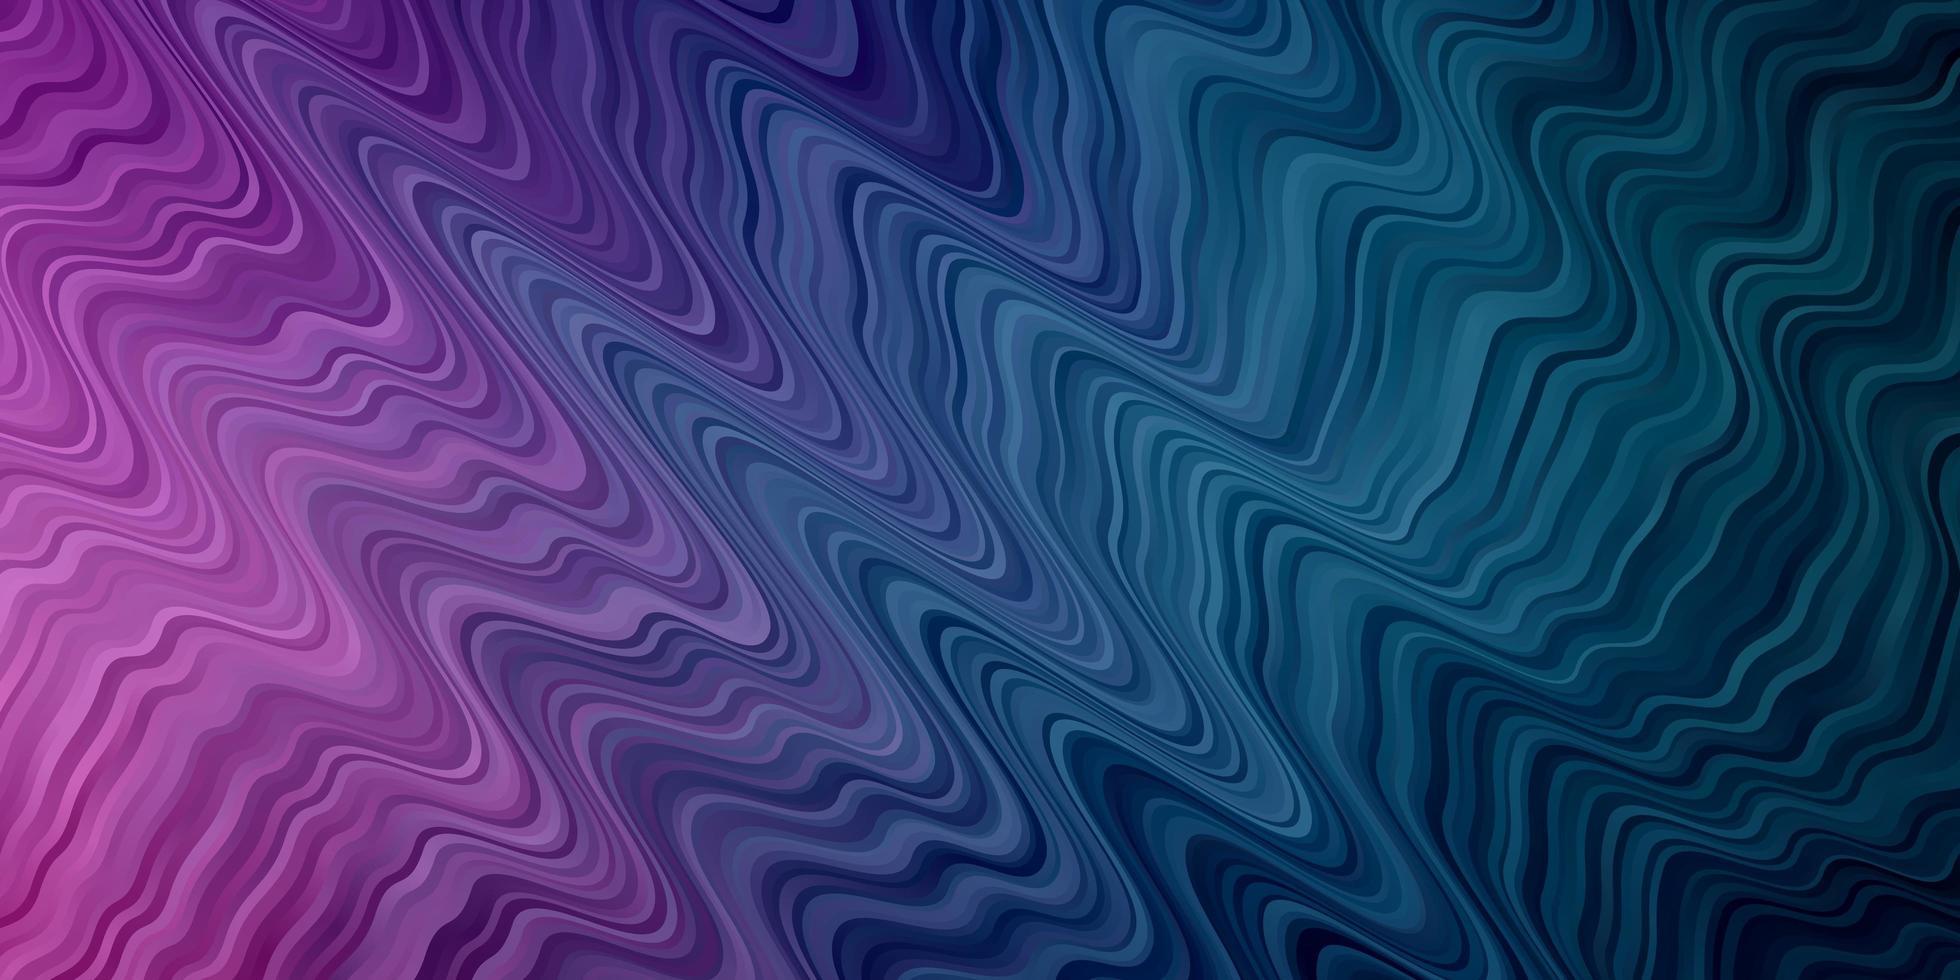 fondo azul claro, rosa con líneas curvas. vector